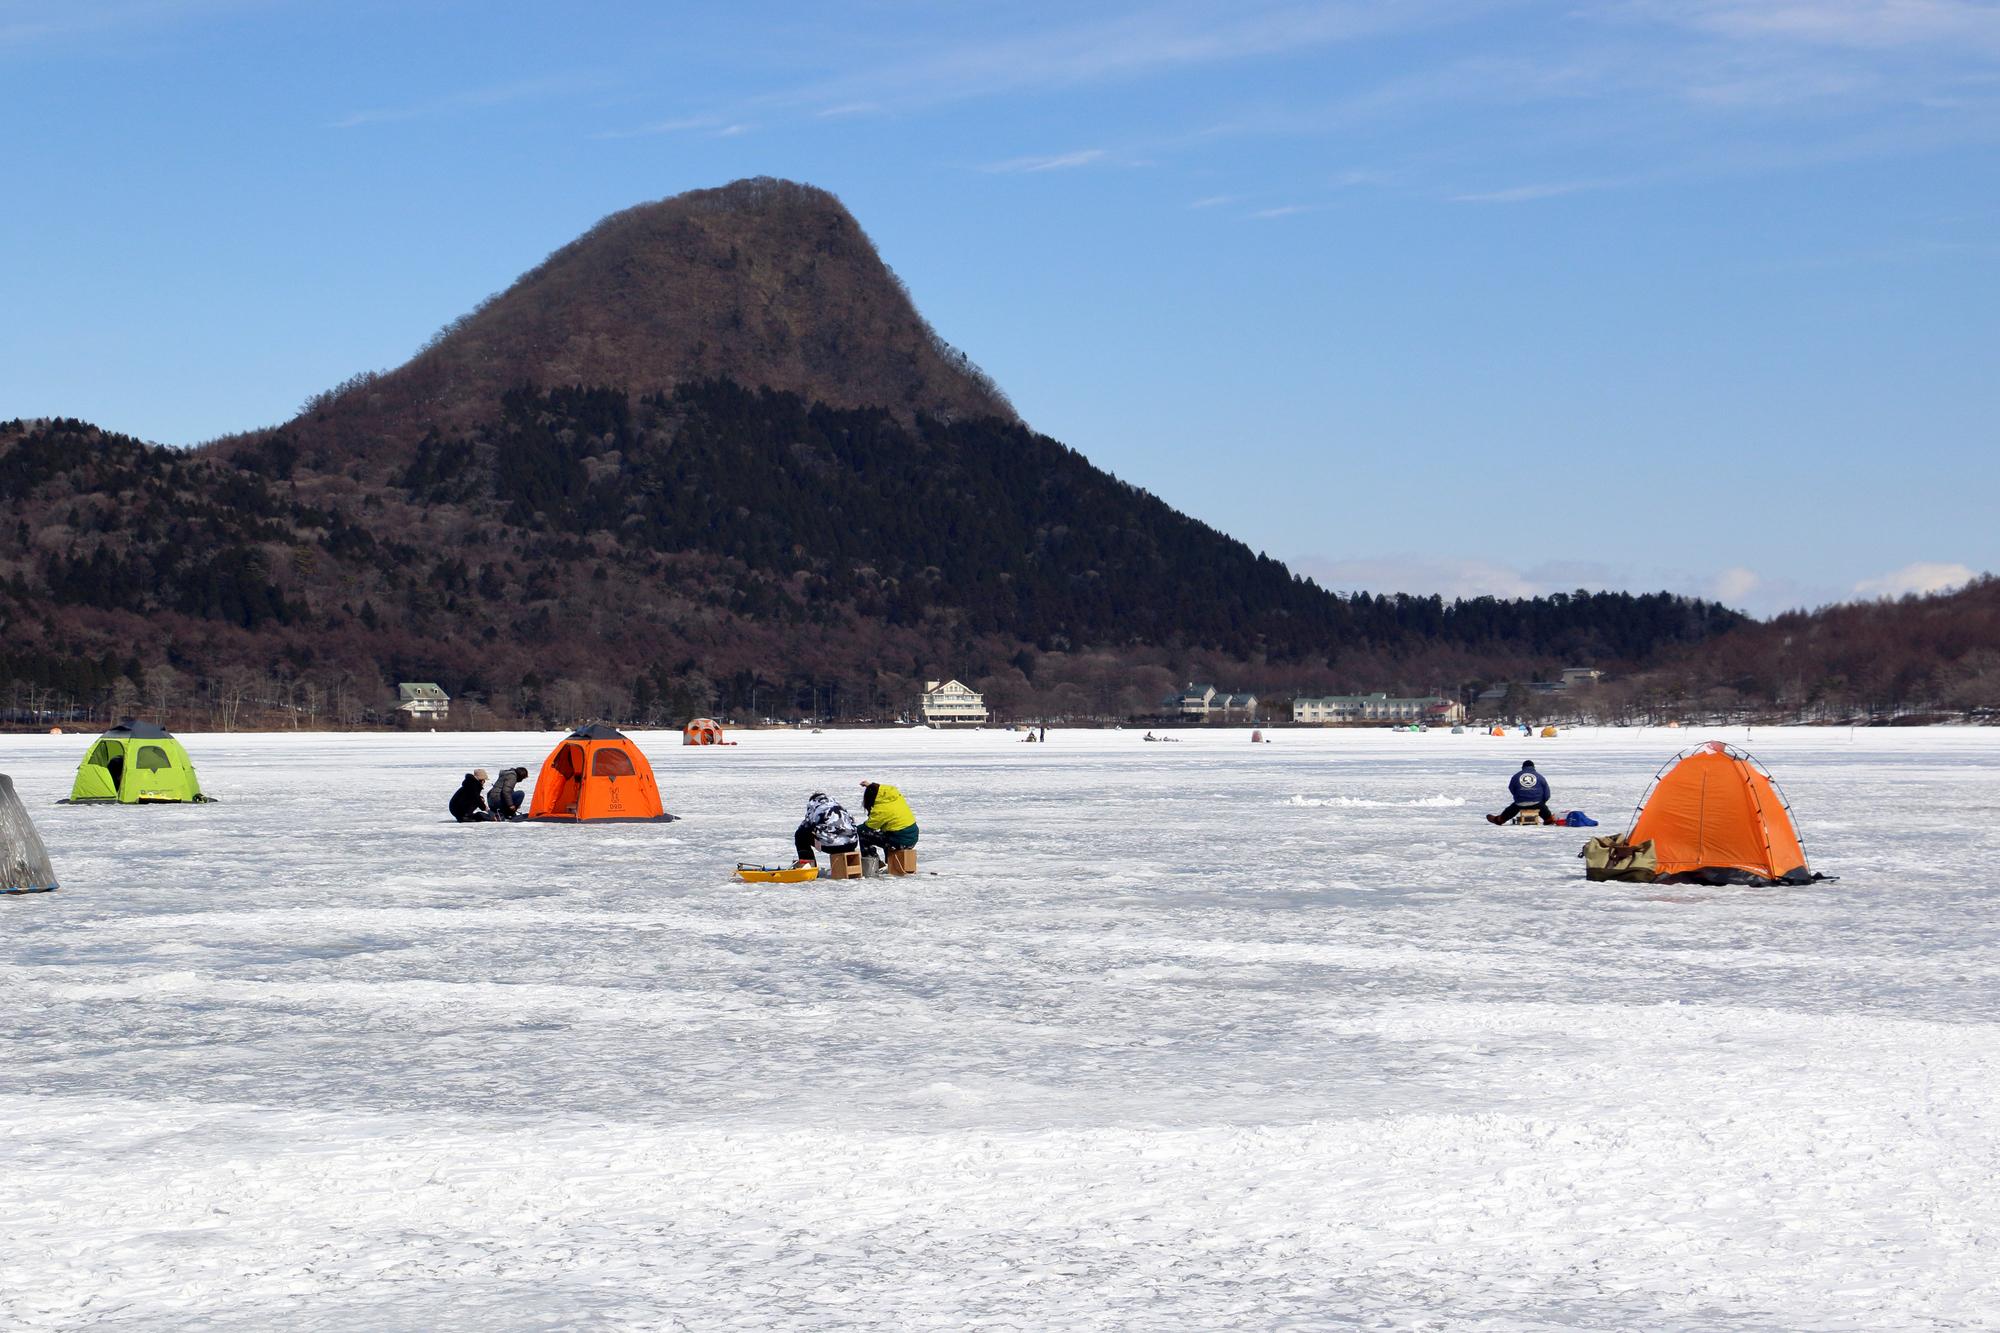 群馬のワカサギ釣りなら榛名湖!榛名湖でワカサギ釣りを楽しむ方法は?